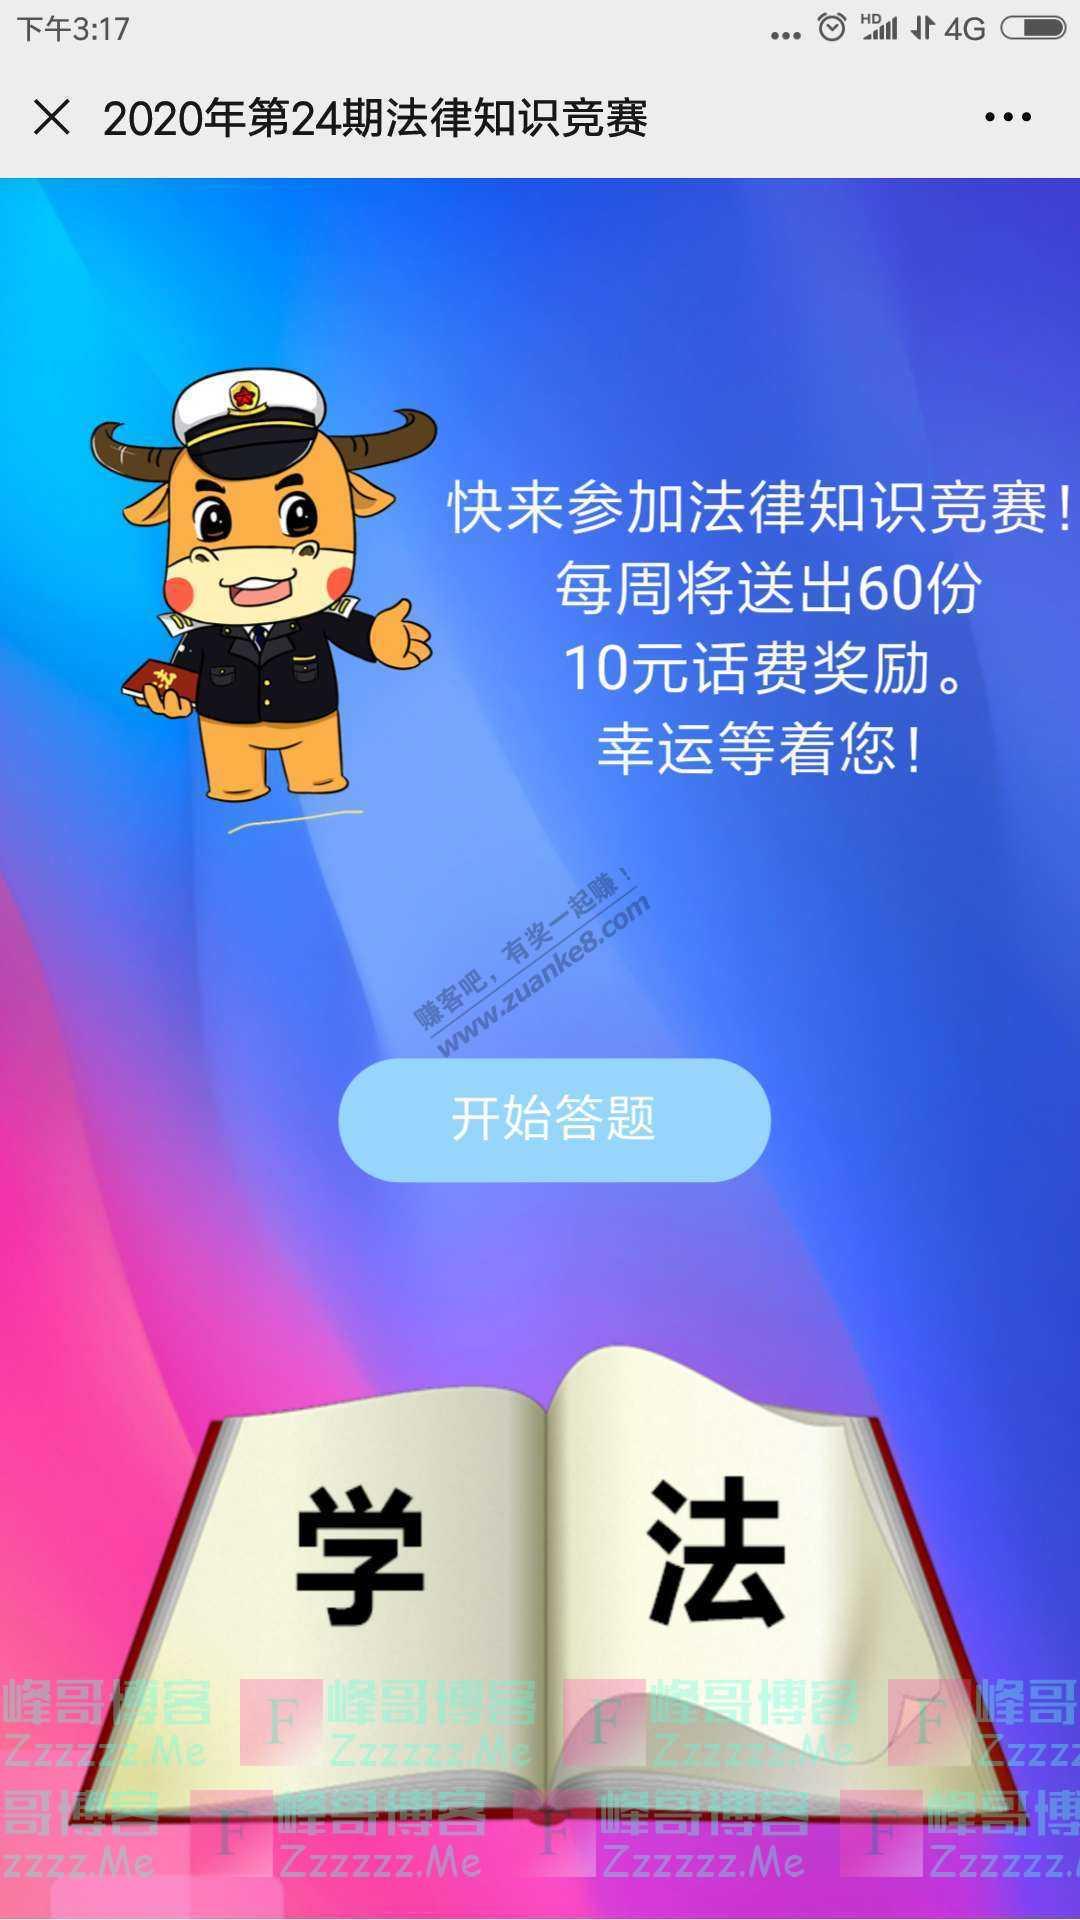 如东县12348公共法律服务法律知识竞赛第二十四期开始啦(截止不详)